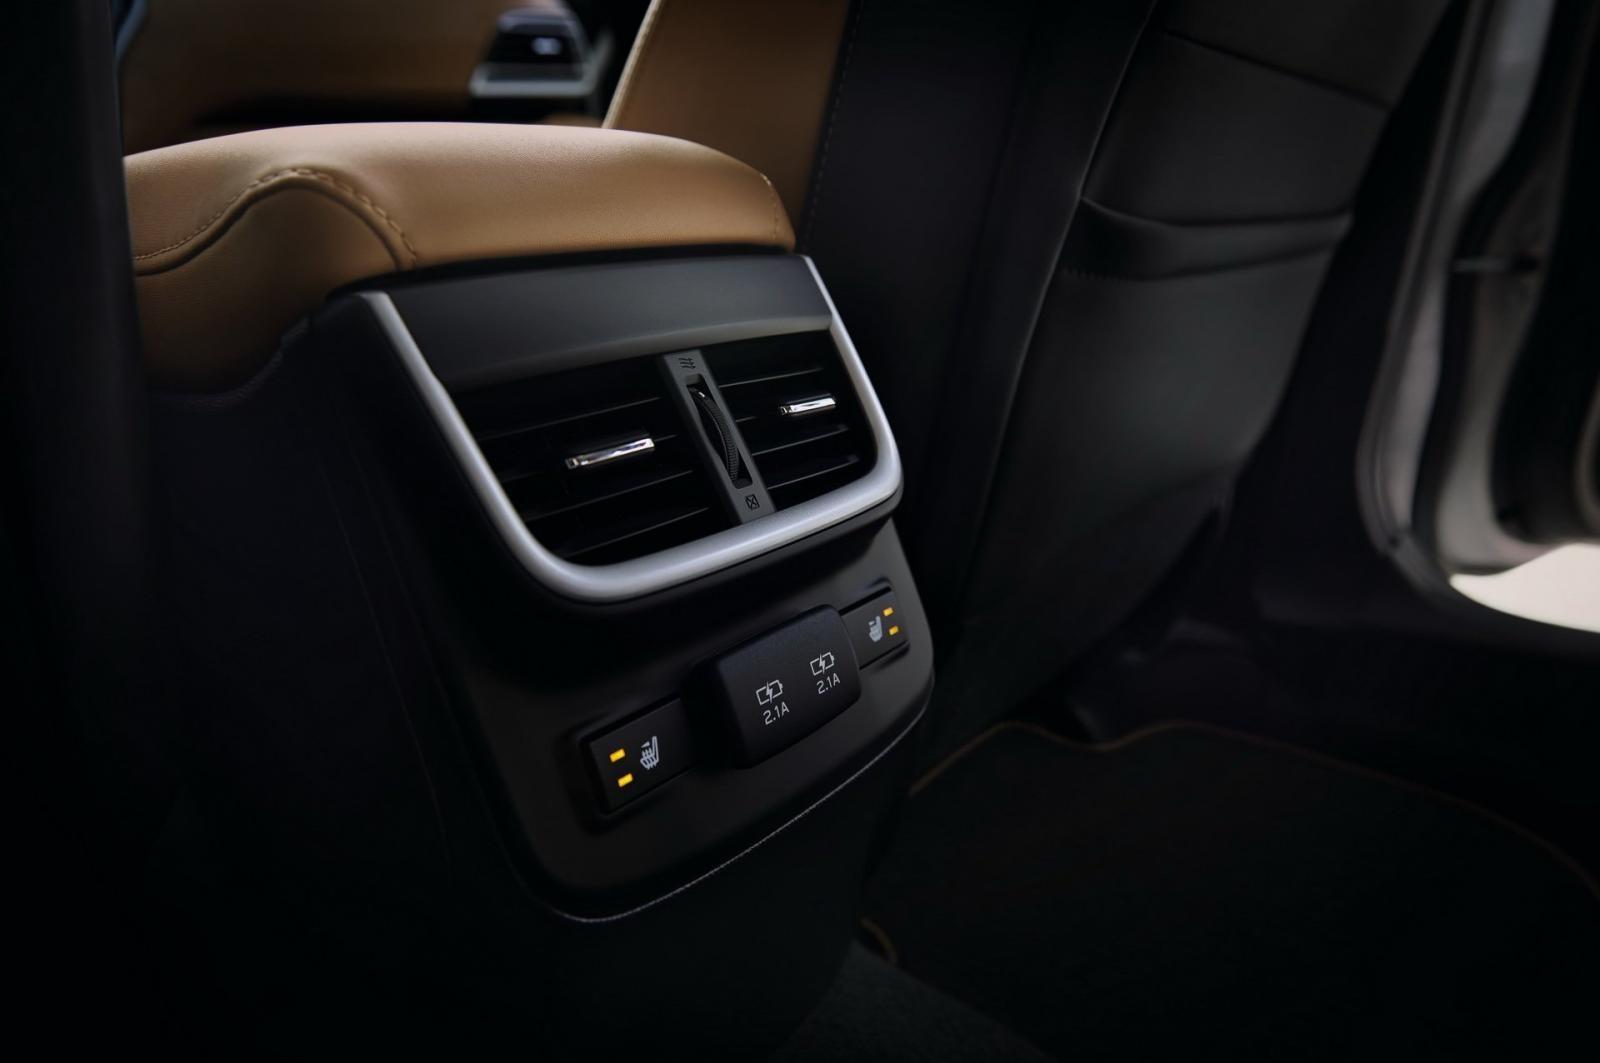 Cửa gió điều hòa hàng ghế sau của Subaru Legacy 2020